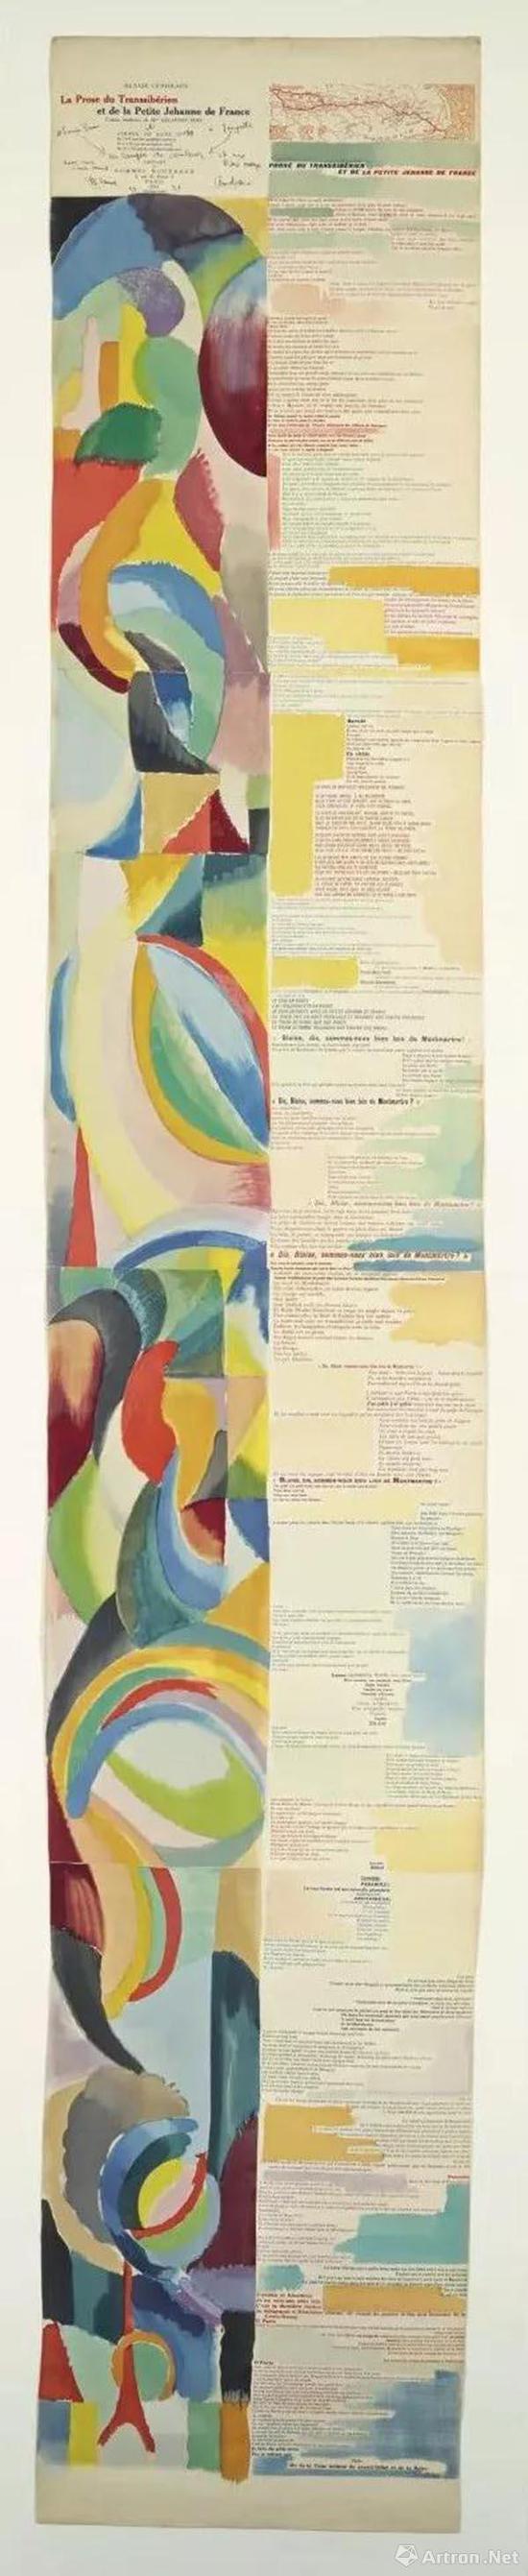 拍品编号35 梭尼亚·德洛内 (1884-1979) 《西伯利亚特快车与小杰汉娜散文集》